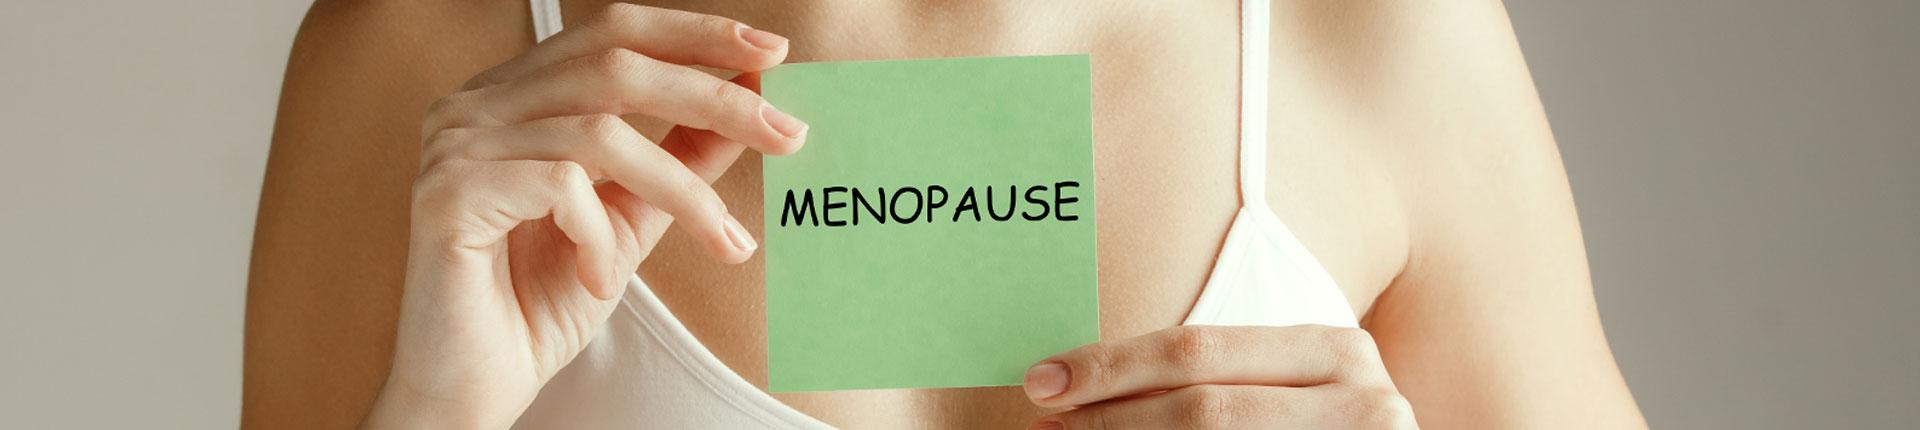 Czy menopauza sprzyja otyłości? Czy hormonalna terapia zastępcza jest rozwiązaniem?